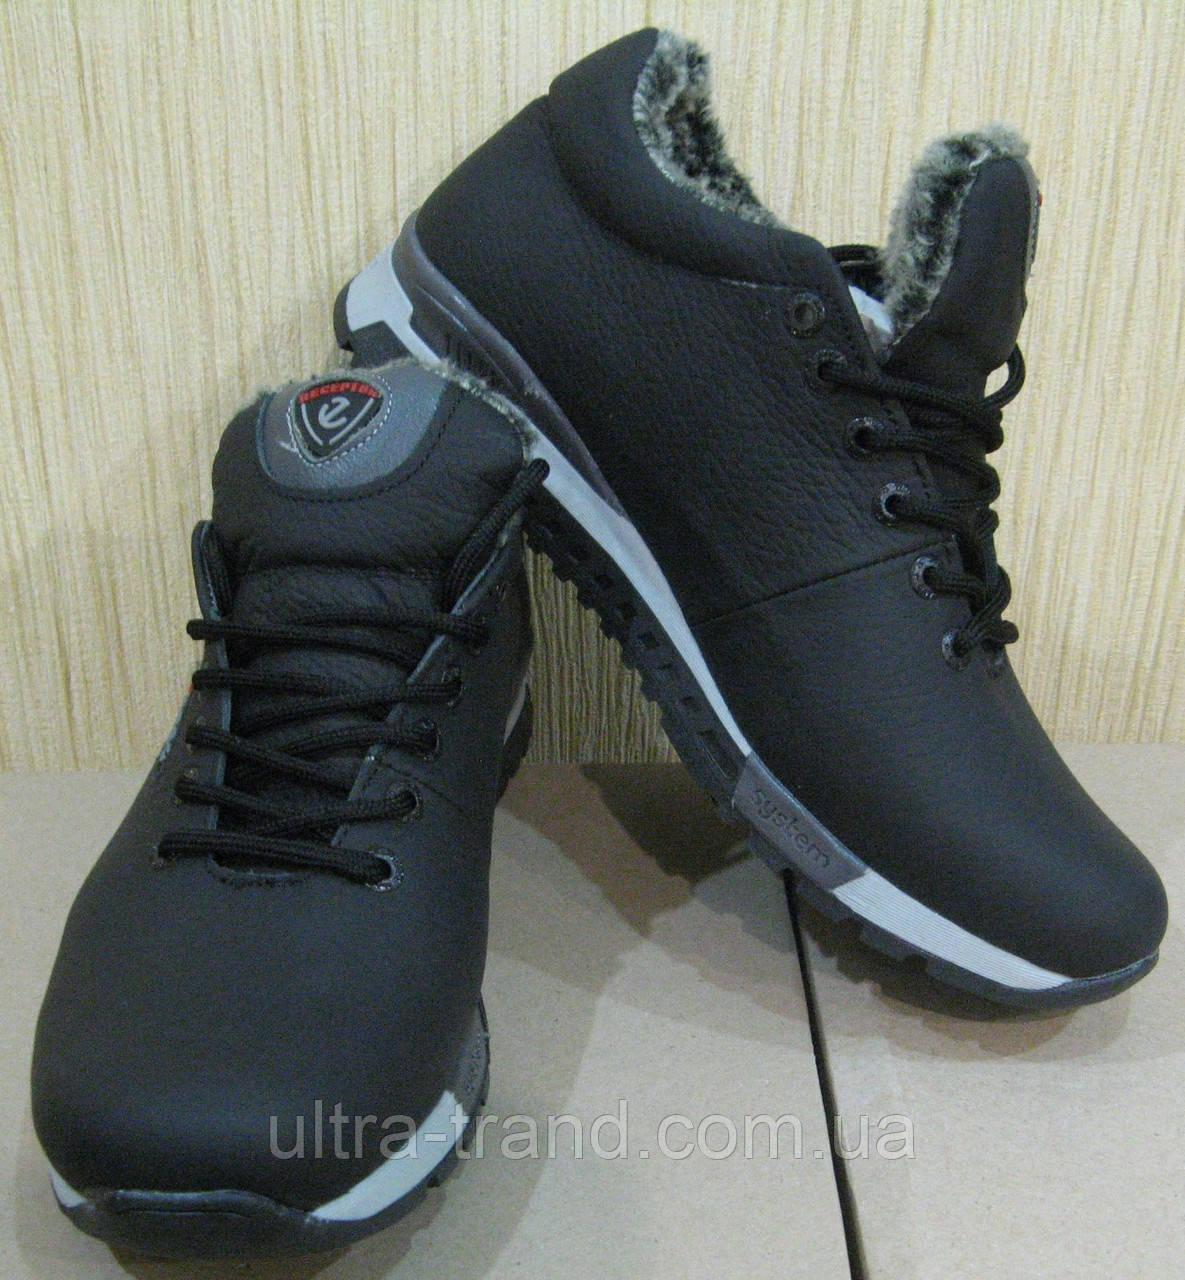 08e57296 Качественные зимние мужские кроссовки кожа в стиле Ecco мех кожа - Интернет  магазин Ultra-Trend